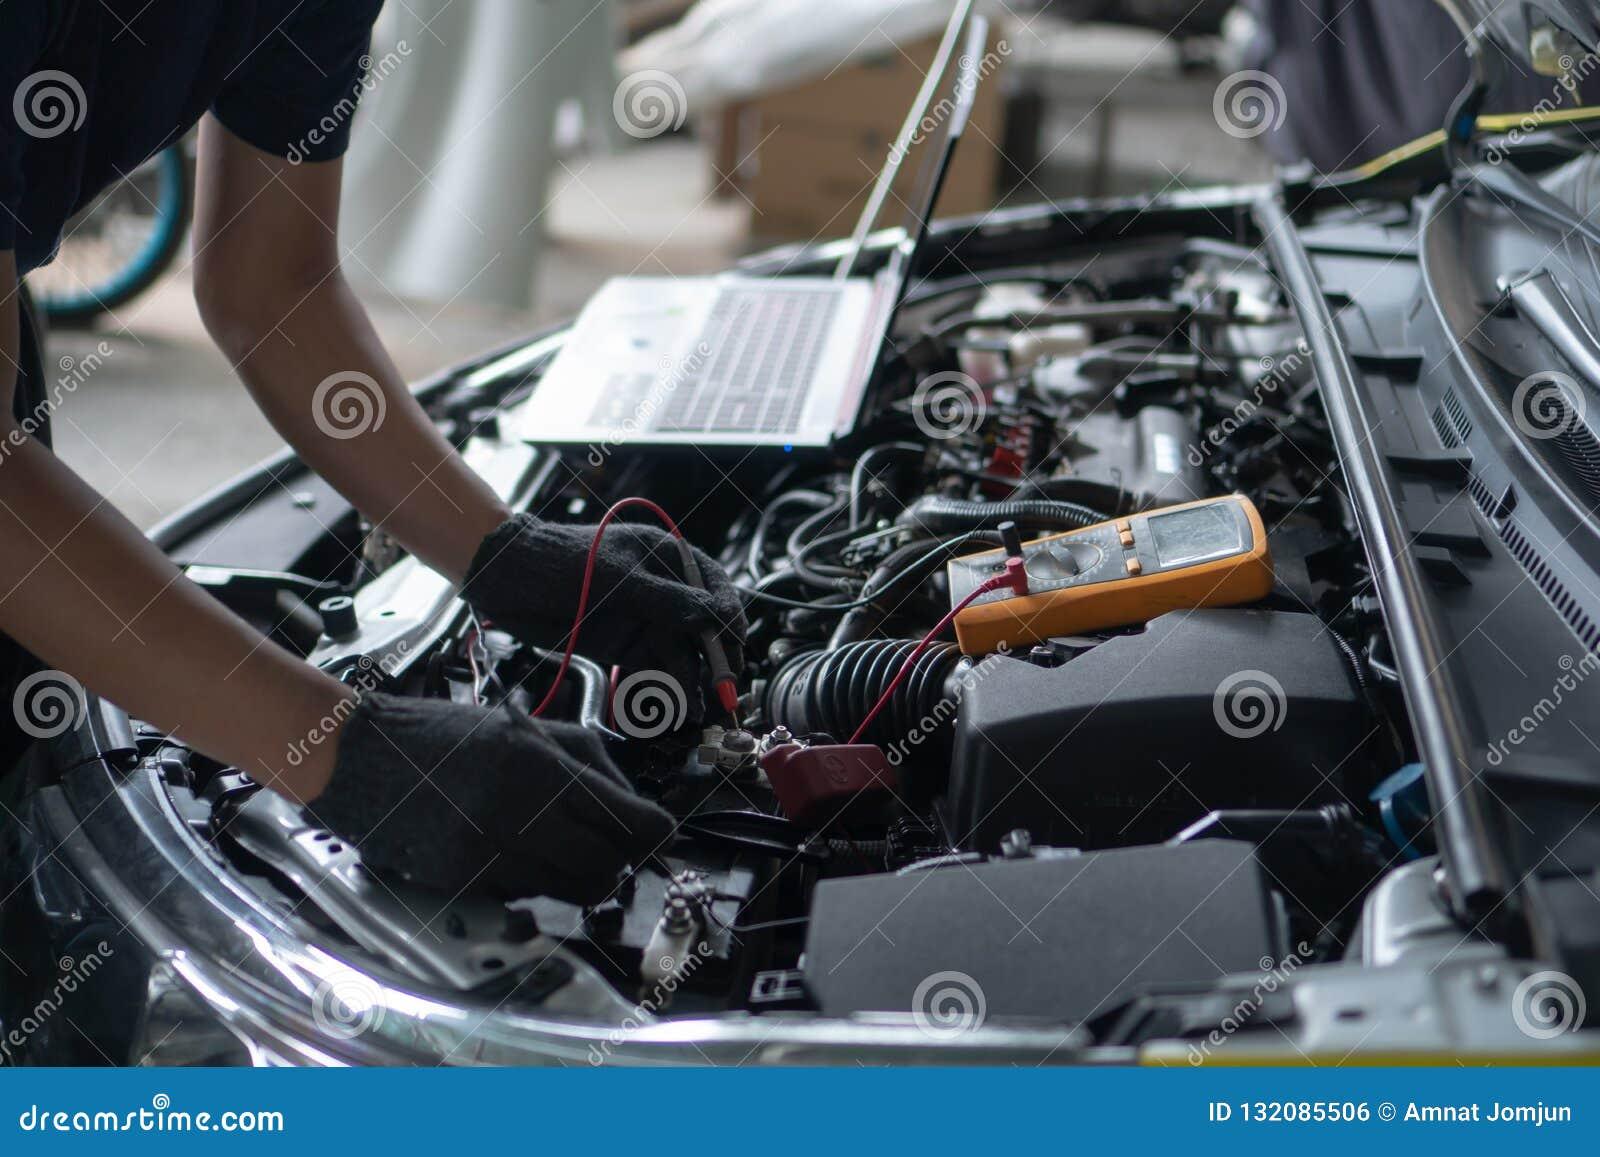 Car repair and maintenance. Performing engine diagnostics